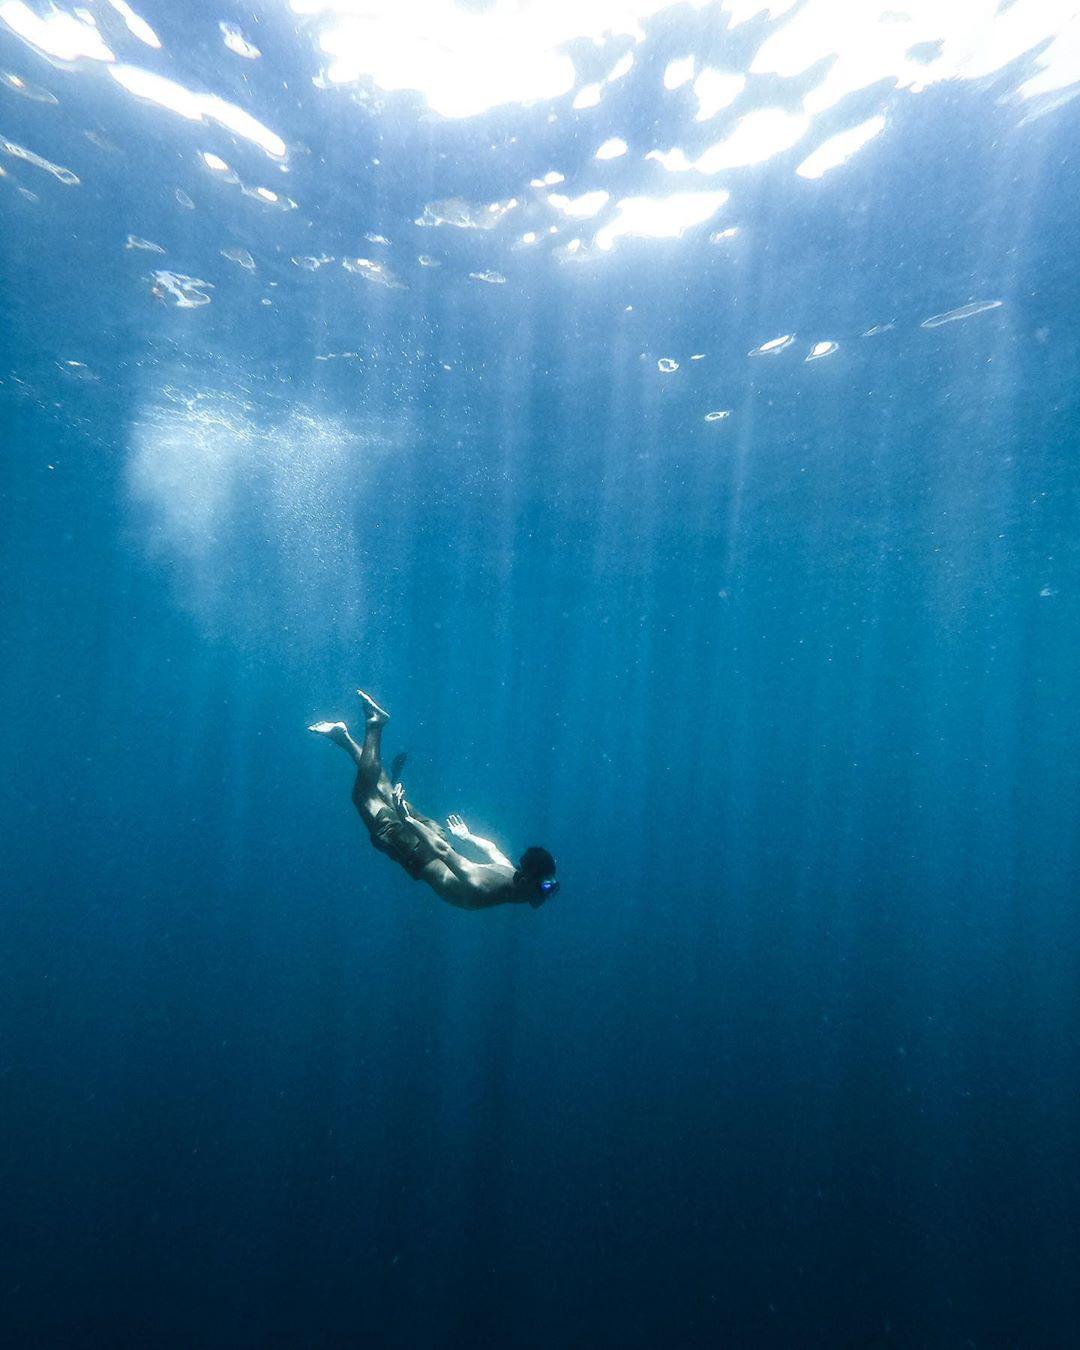 Vượt qua cả Bali và Hawaii, ốc đảo hình giọt nước kỳ lạ ở Philippines được tạp chí Mỹ bình chọn đẹp nhất thế giới - Ảnh 20.